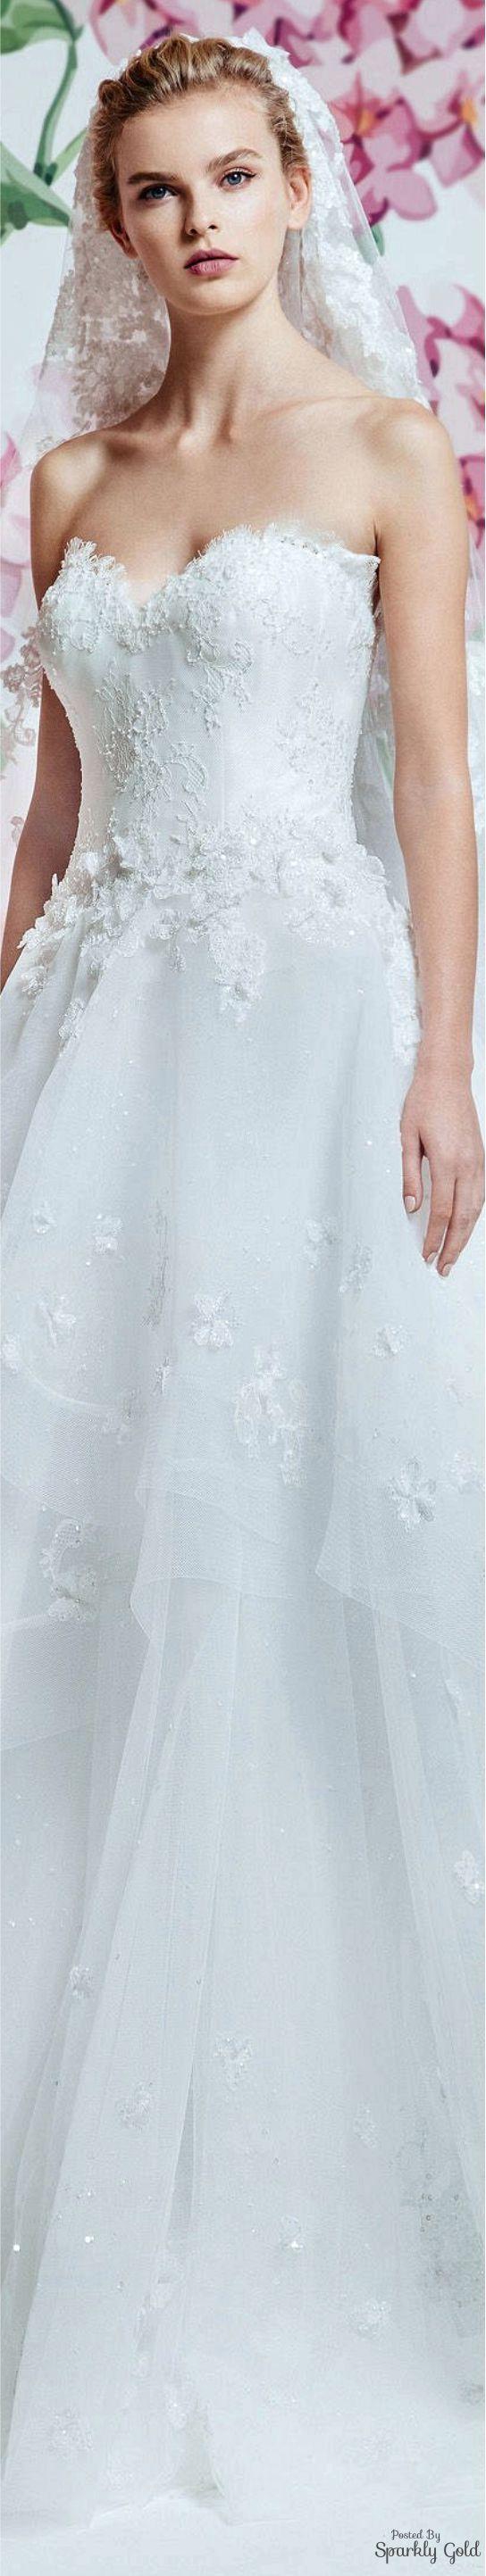 4876 mejores imágenes de novias en Pinterest | Vestidos de boda ...